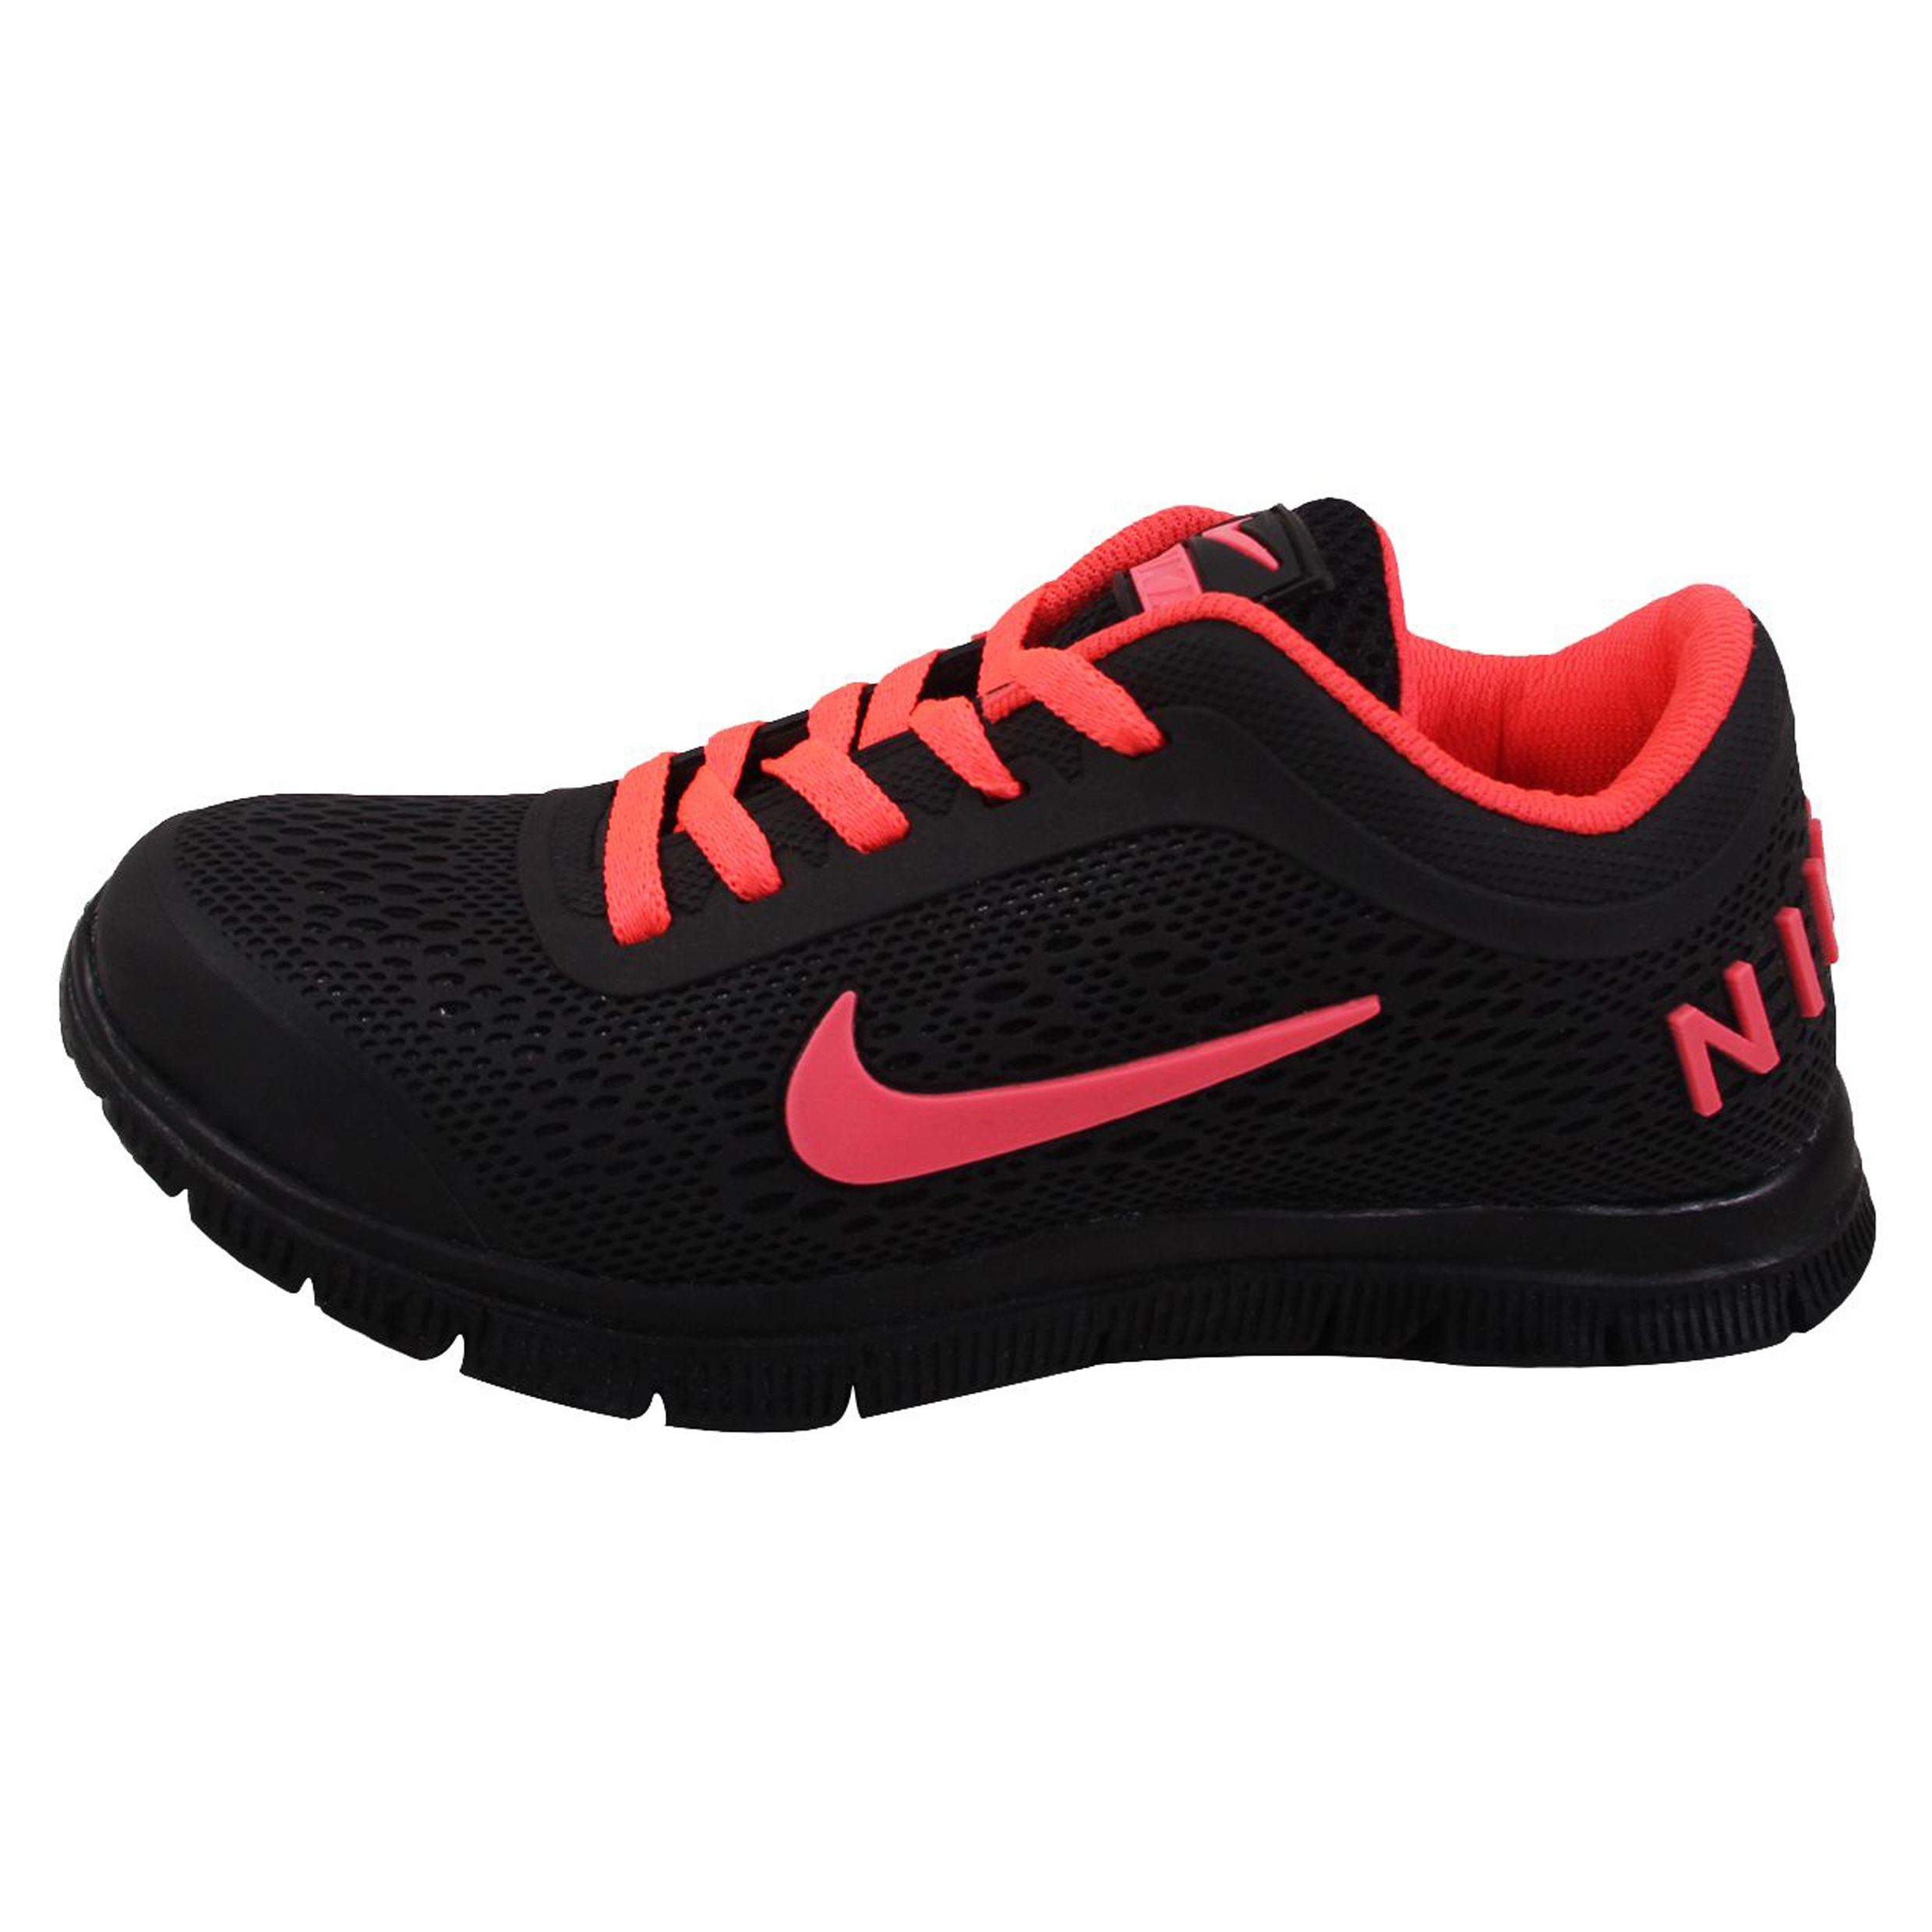 کفش مخصوص پیاده روی زنانه کد 59-2396330